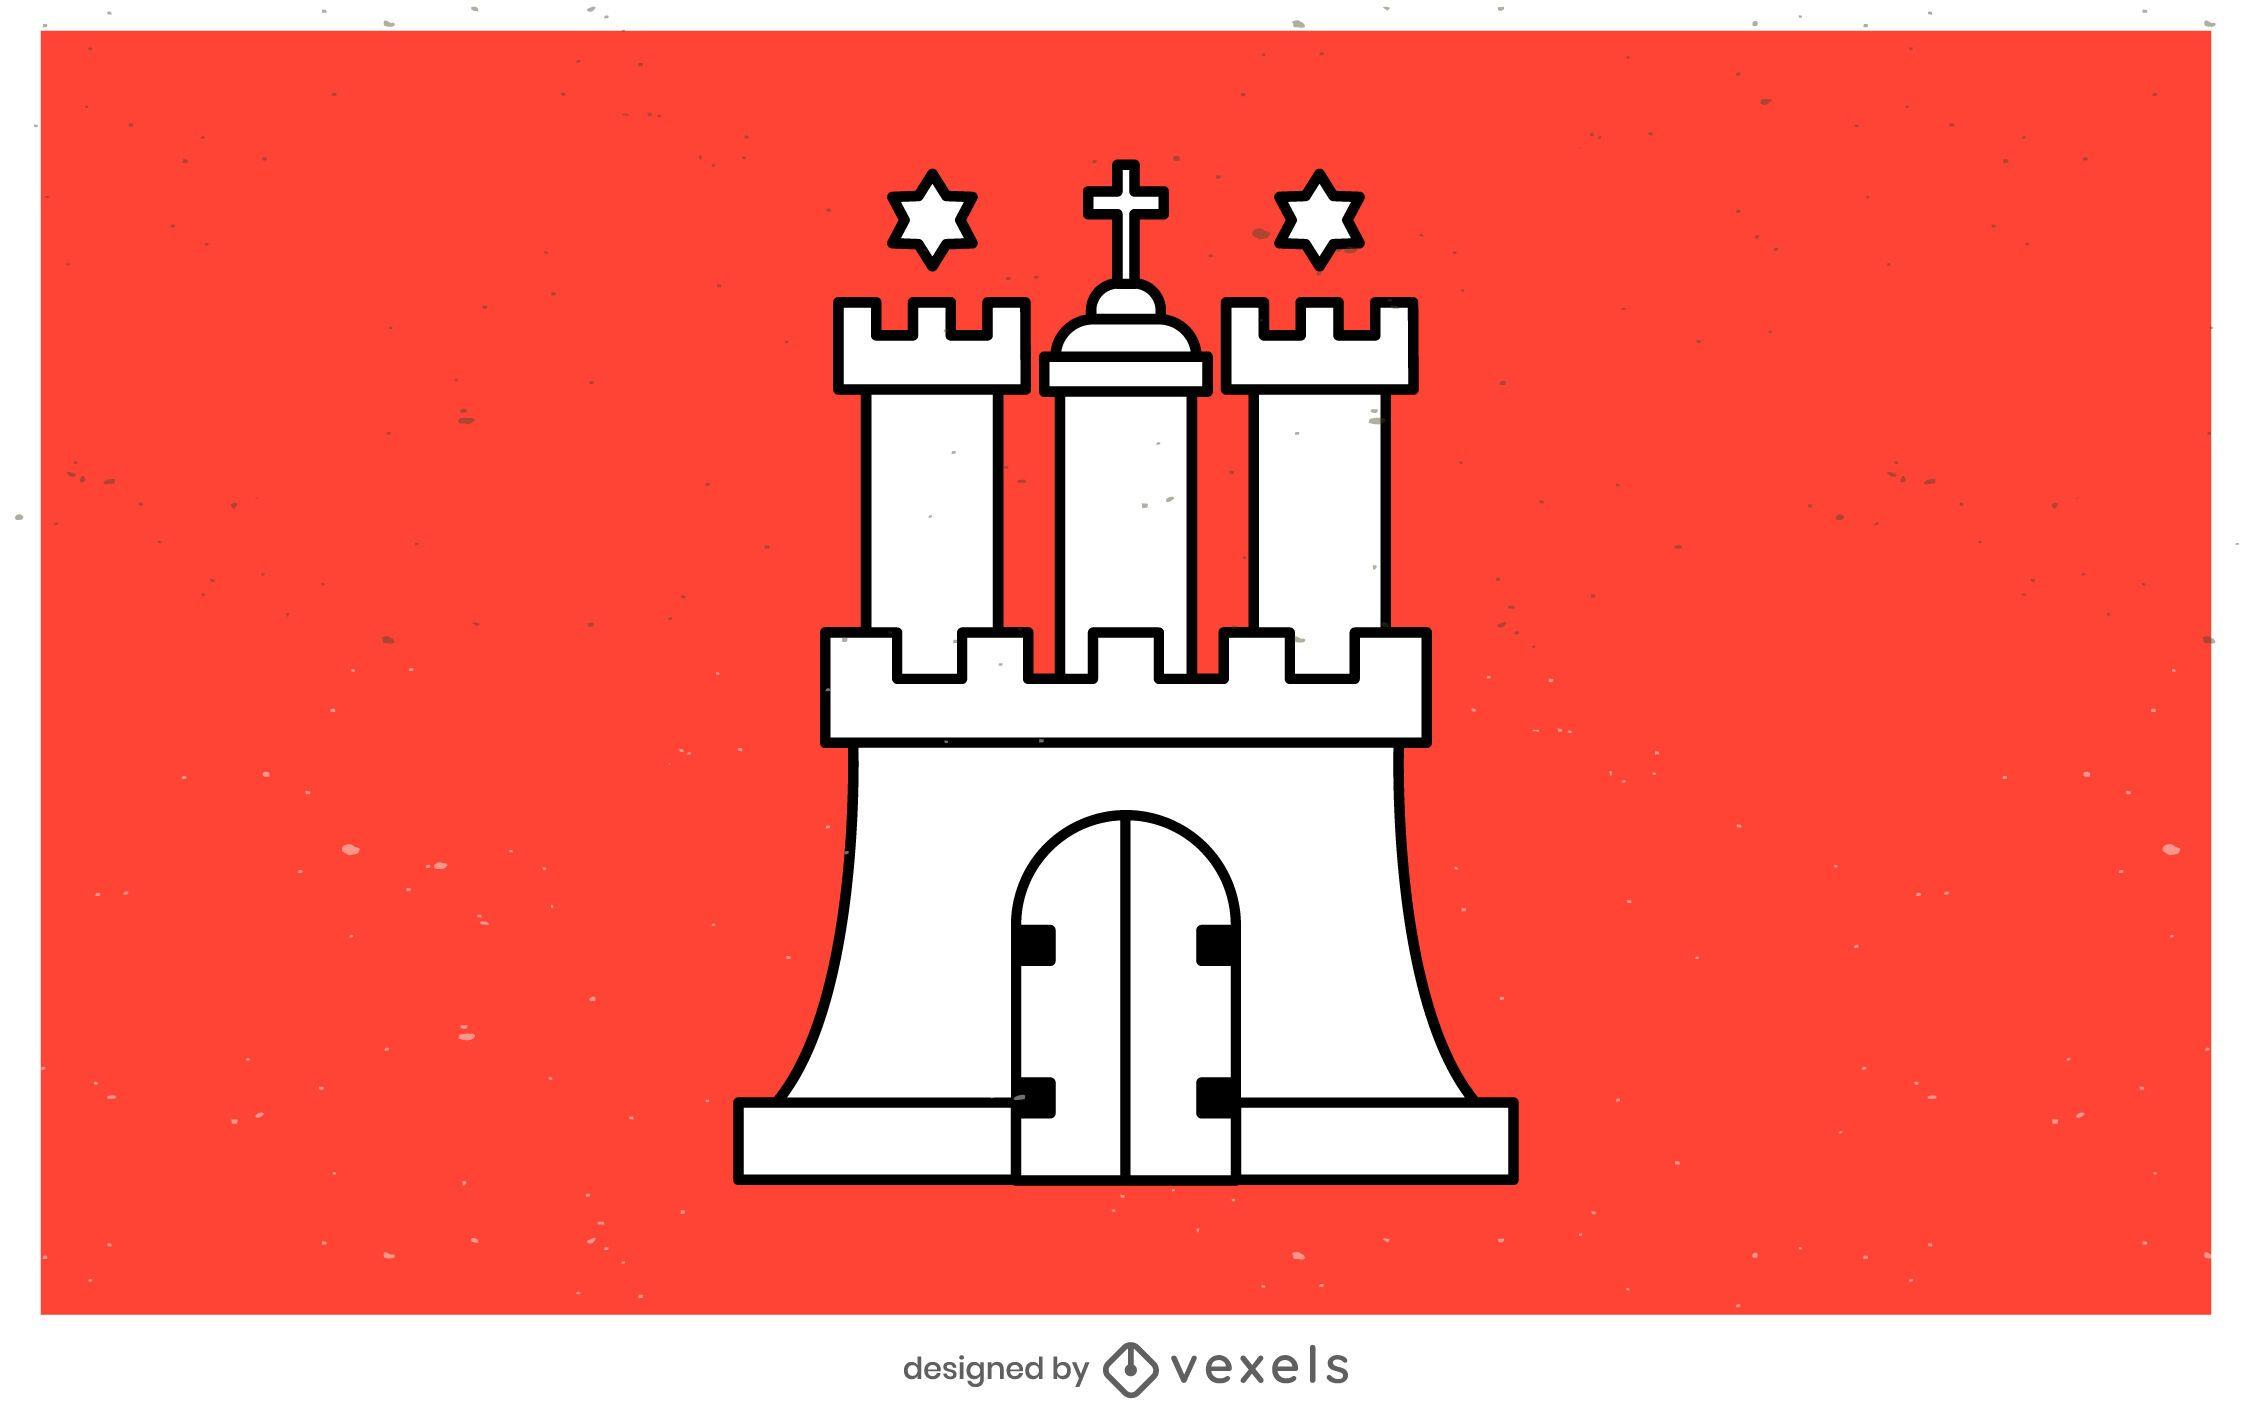 Desenho da bandeira do estado de Hamburgo